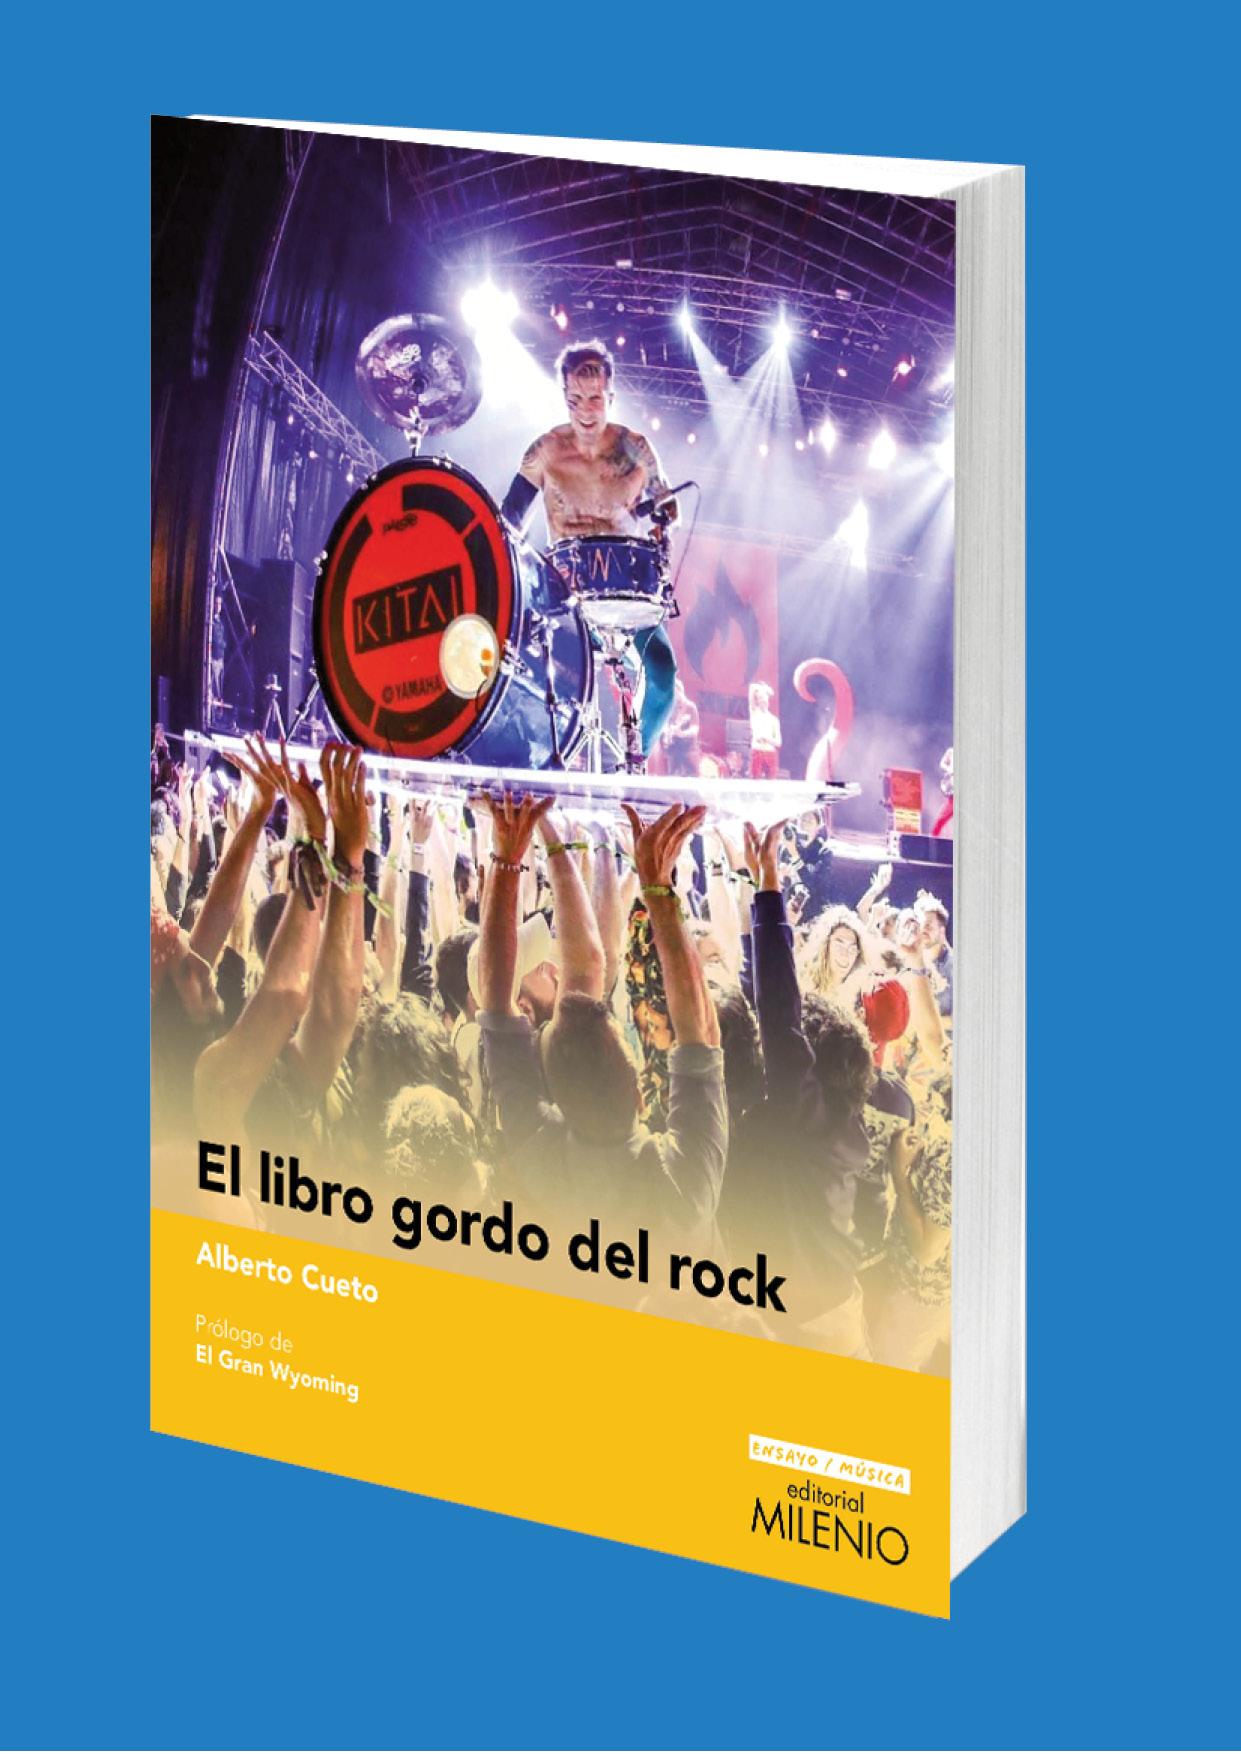 Editorial Milenio presenta 'El libro gordo del rock', del periodista Alberto Cueto